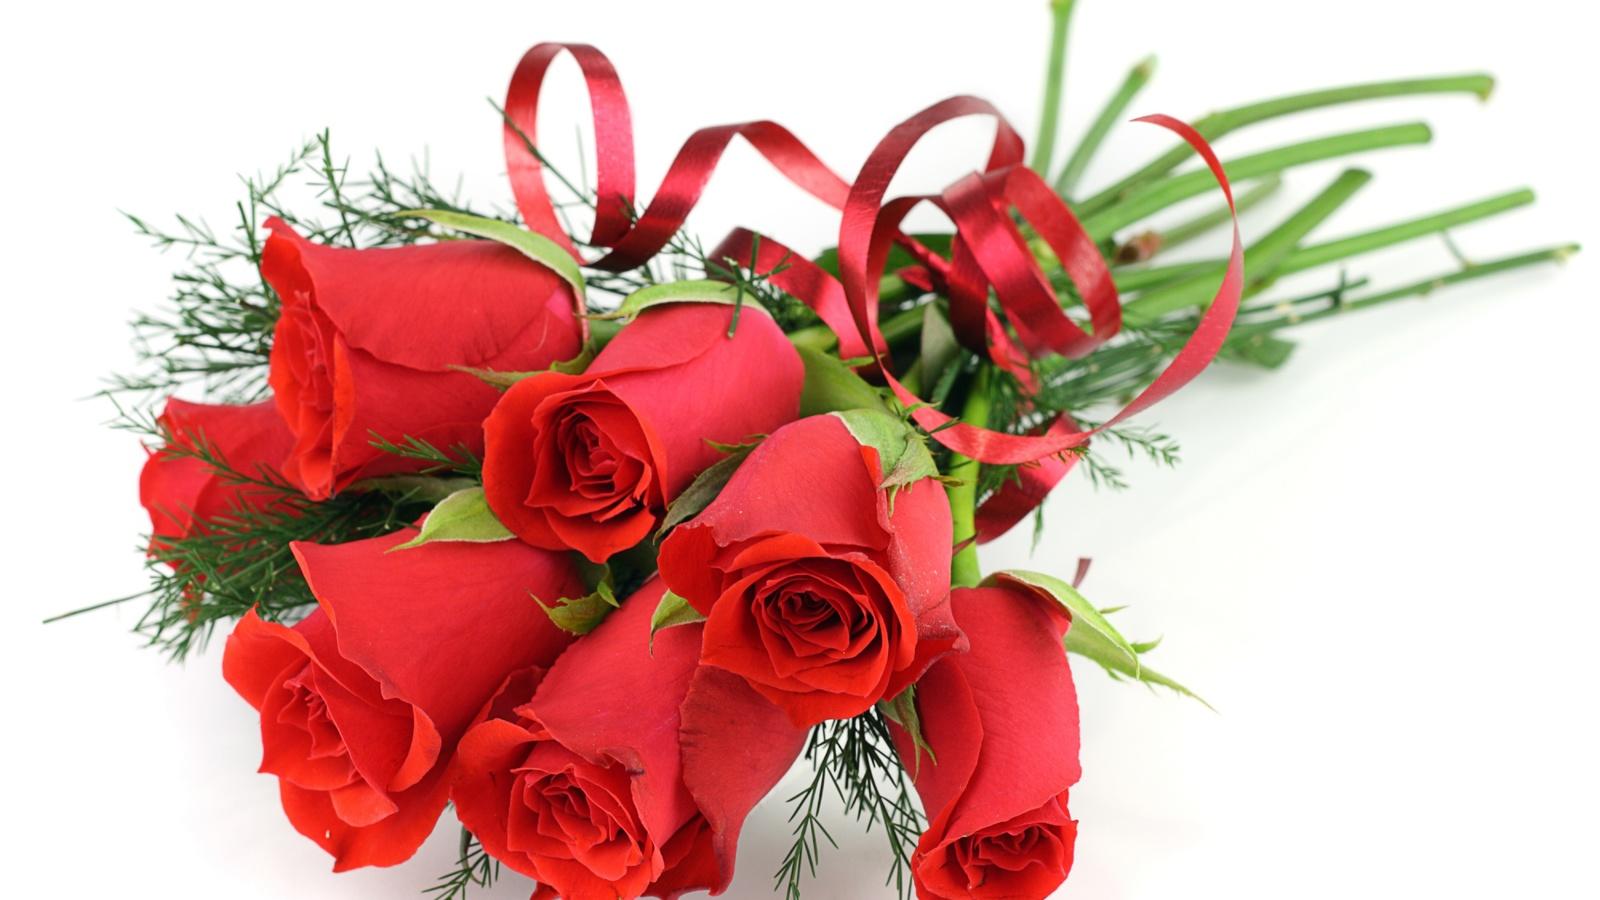 Картинки цветы красивые букеты роз с юбилеем надписью, пасхой христовой воистину